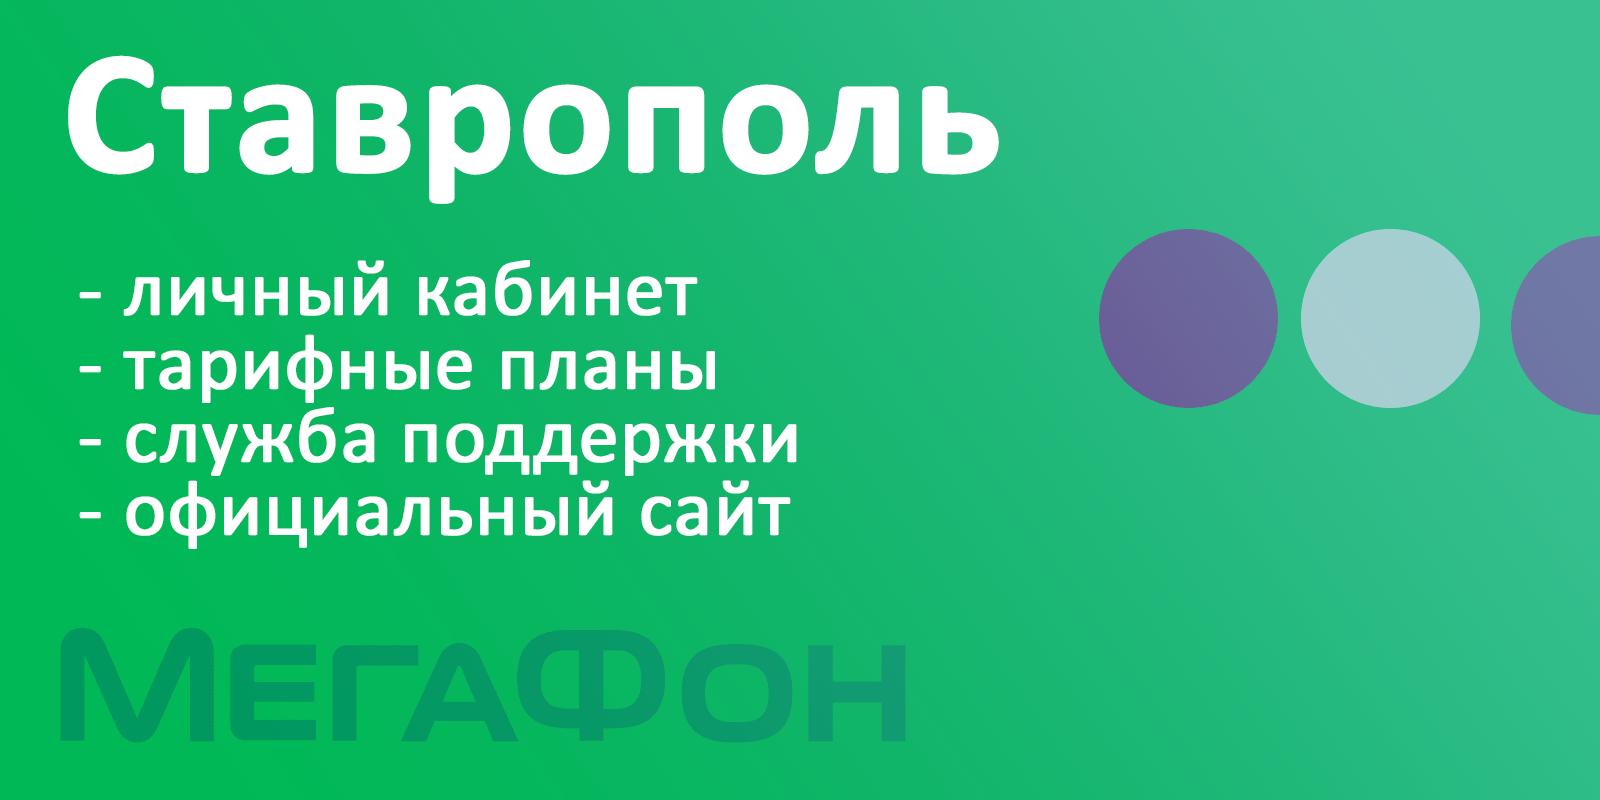 Мегафон в Ставрополе - личный кабинет, тарифы, служба поддержки